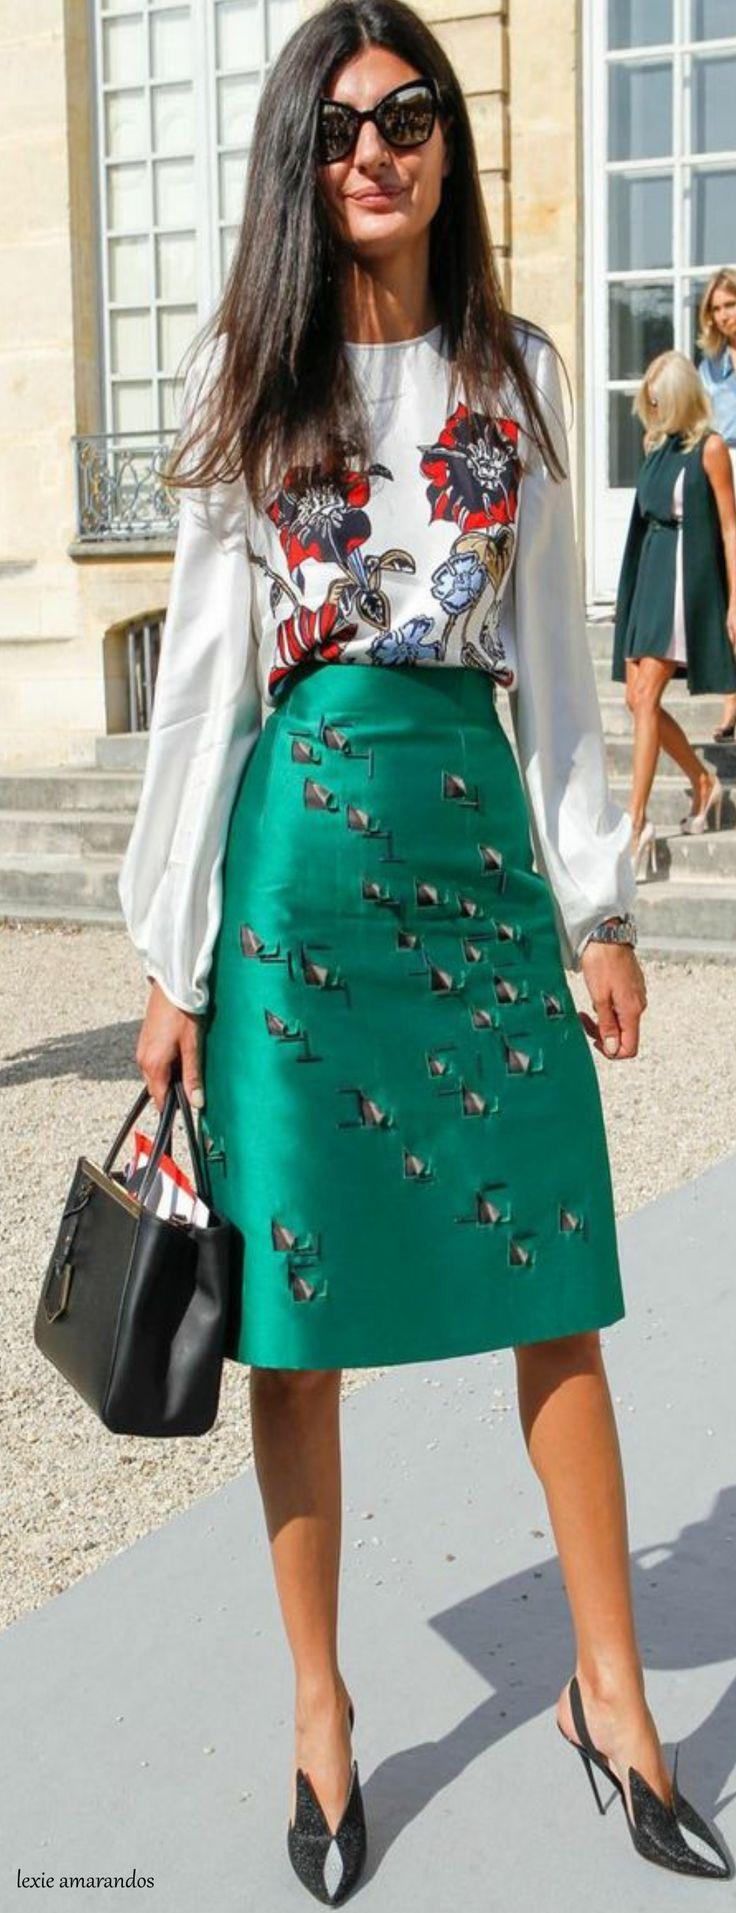 Giovanna Battaglia - style icon